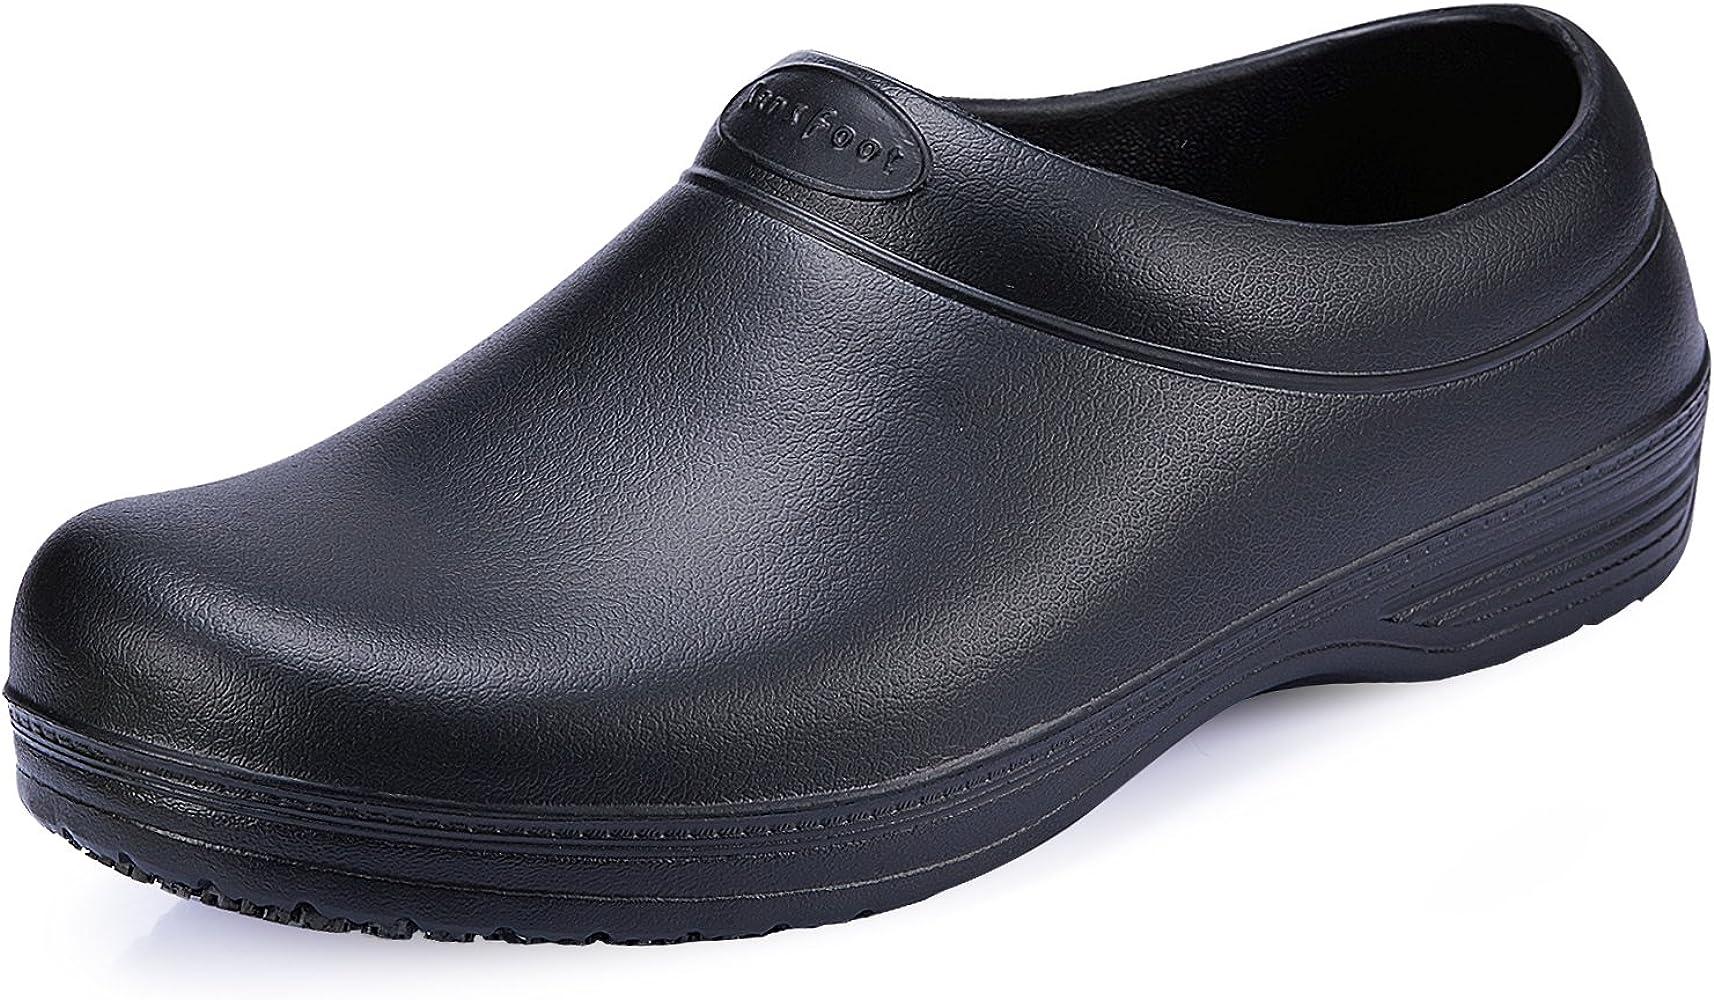 Unisex Slip Resistant Chef Shoes